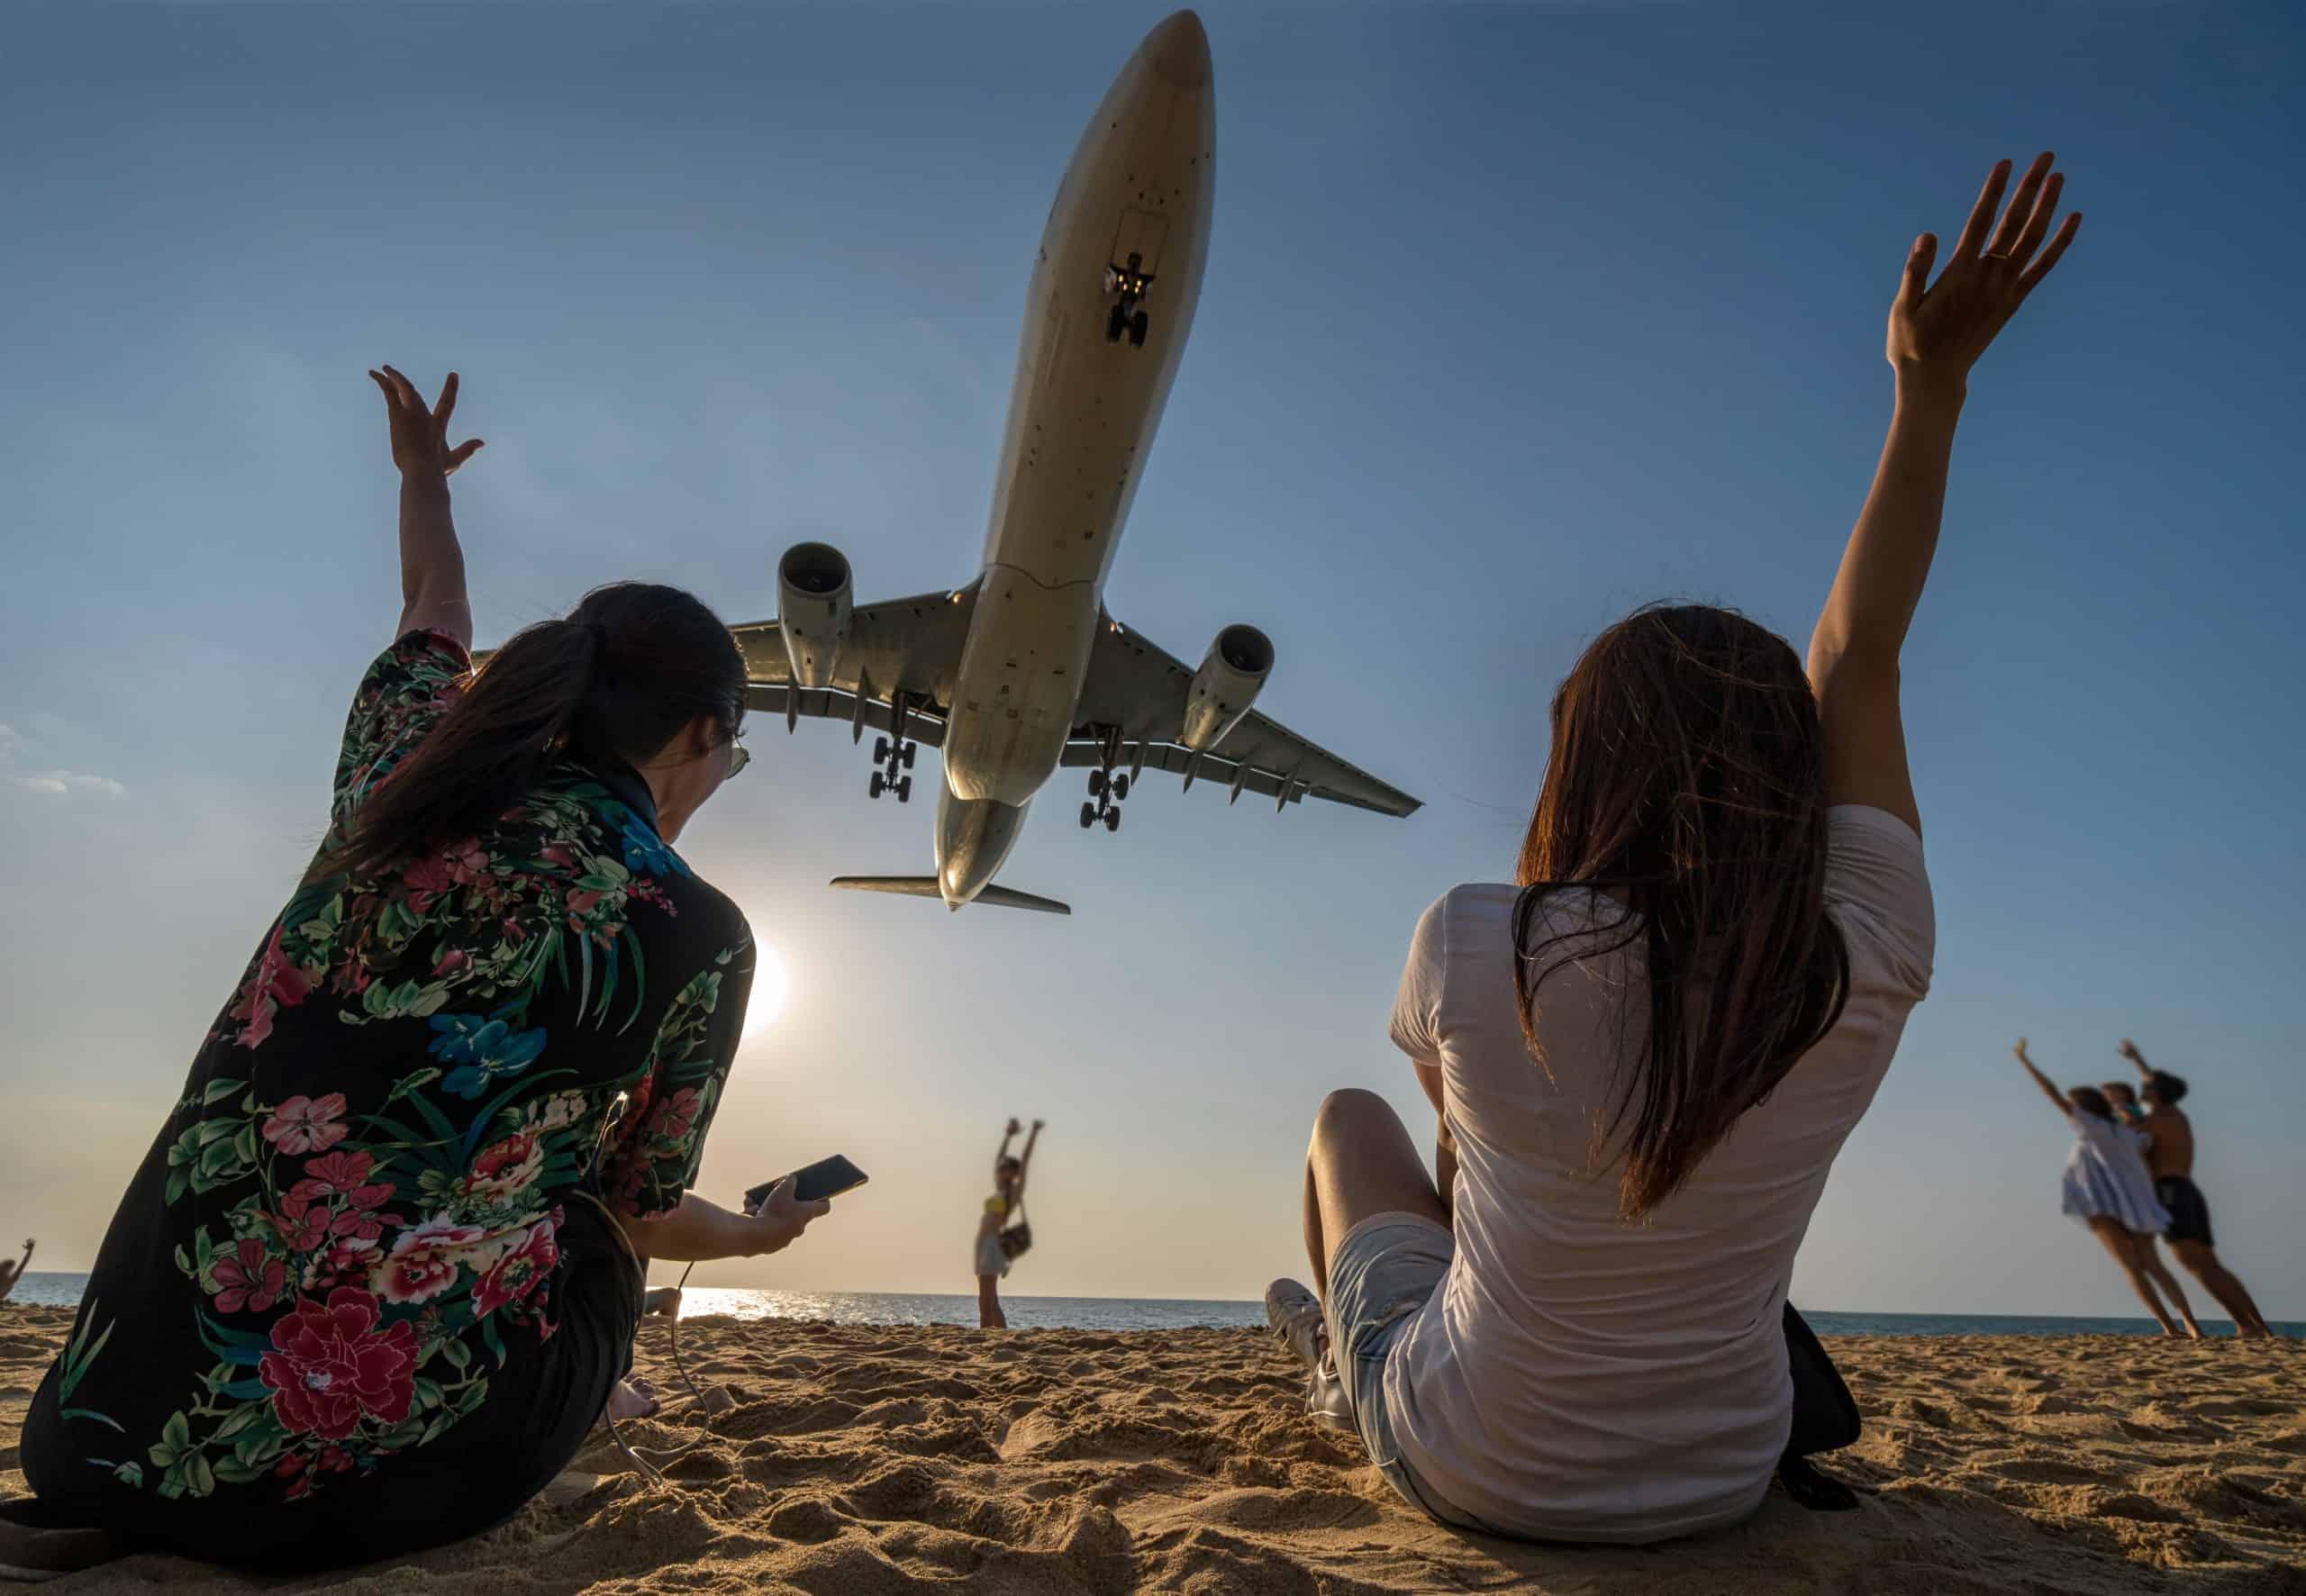 Mon retour d'expérience sur la Phuket Sandbox (Avis Phuket Sandbox)